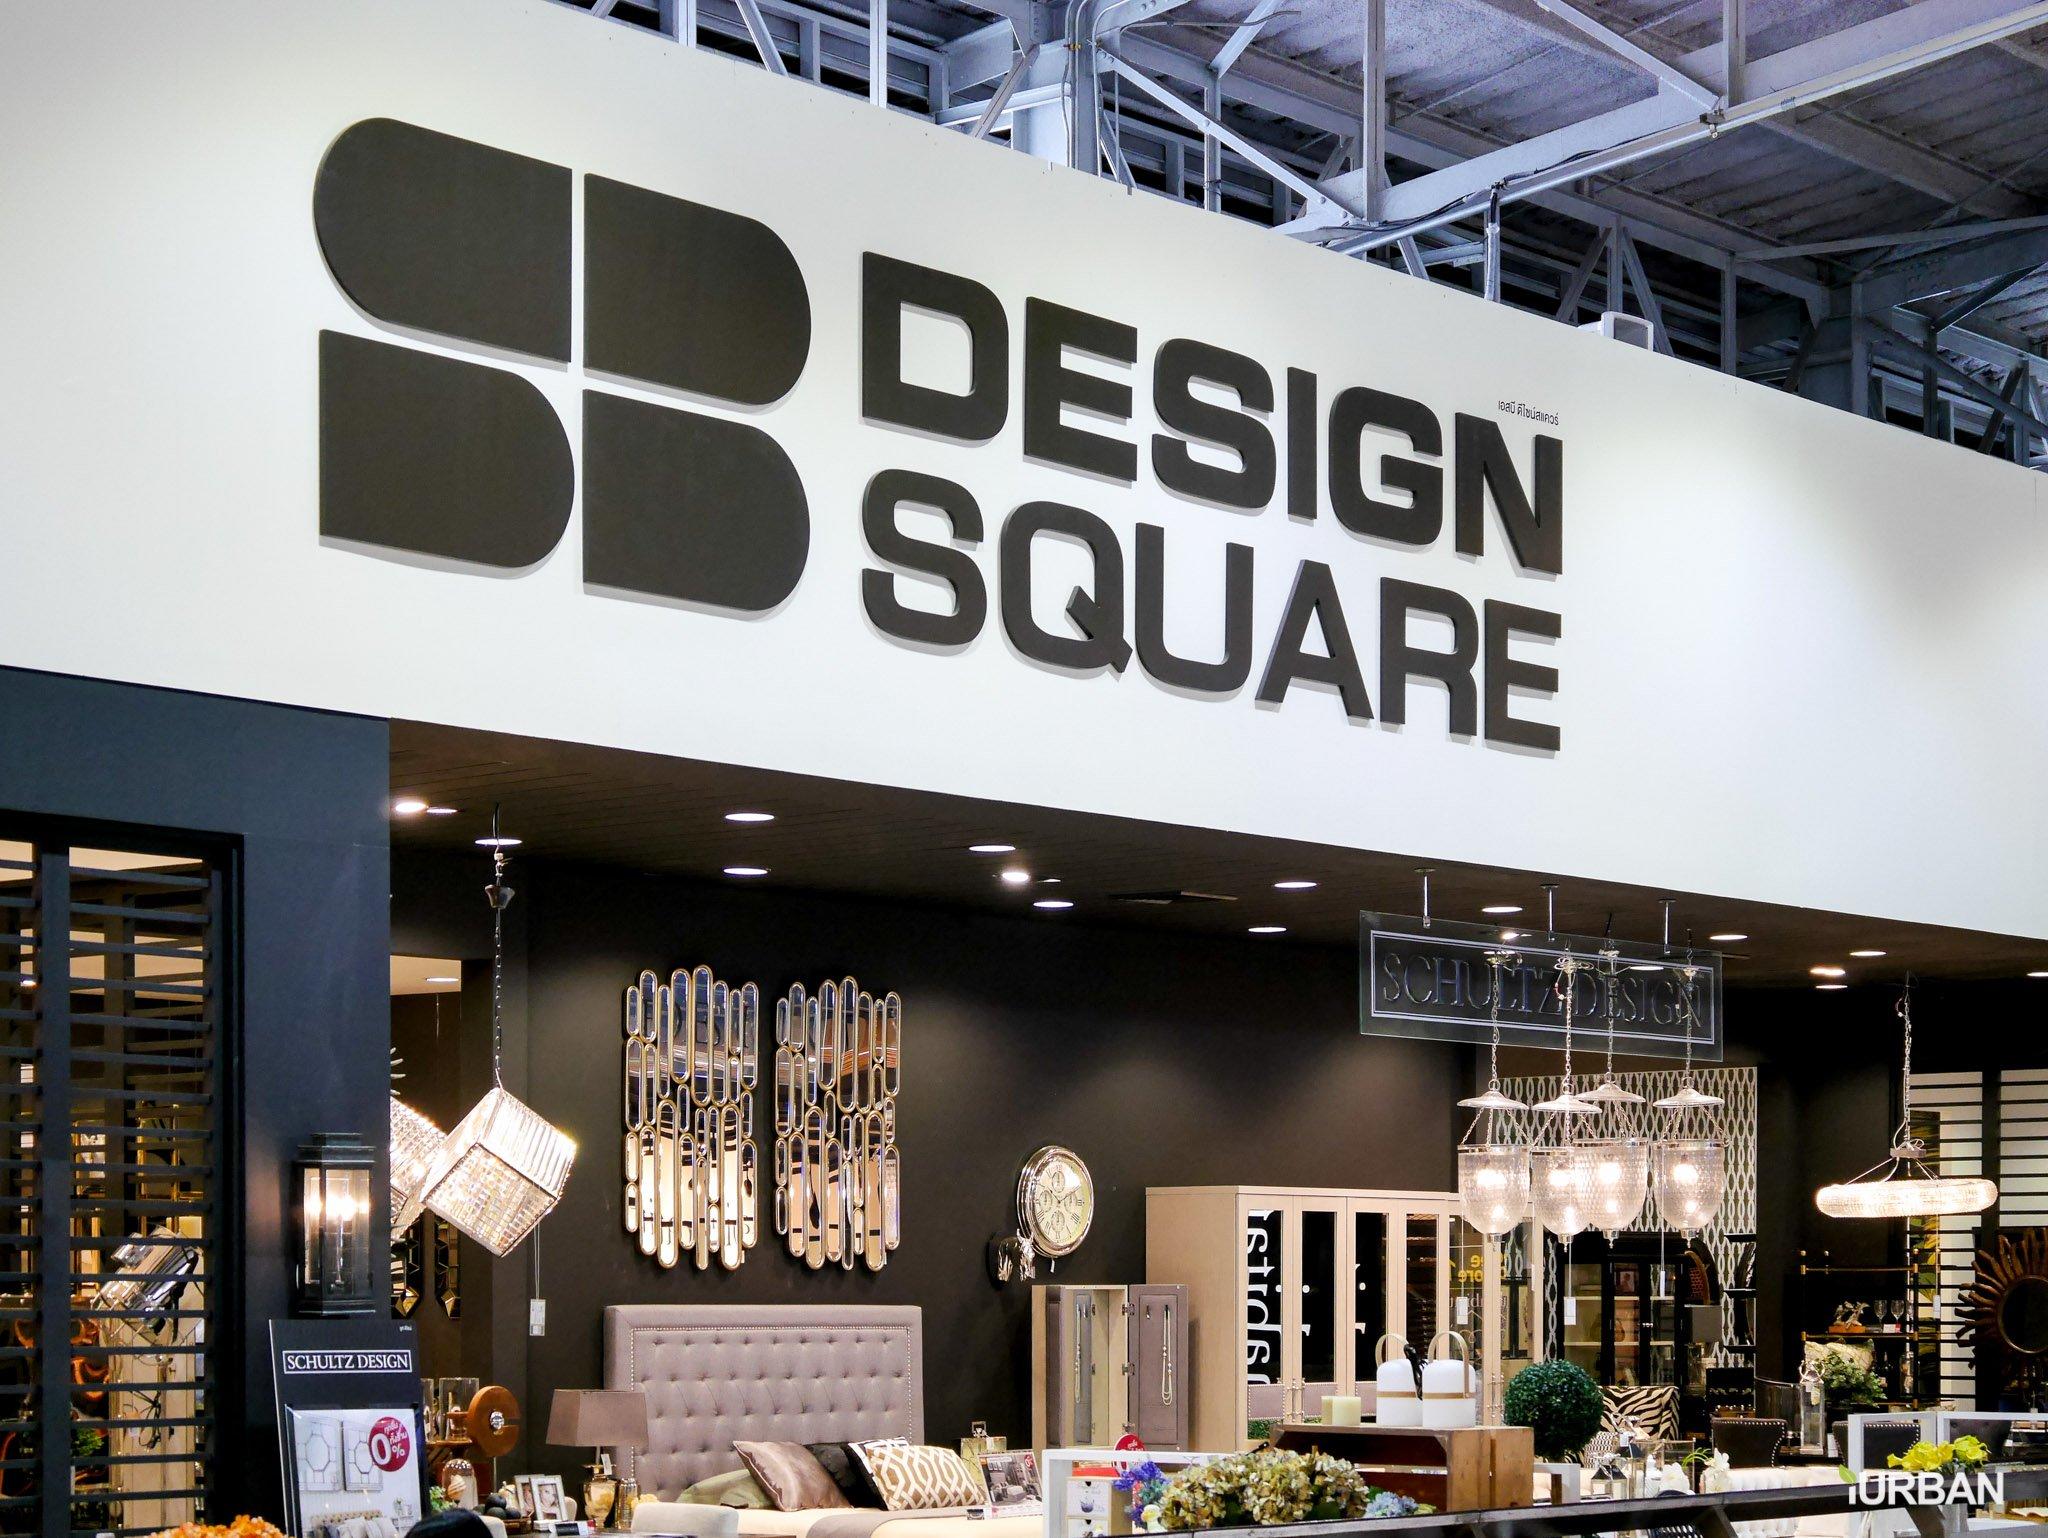 รีวิวงาน SB DESIGN SQUARE เฟอร์-ของแต่งบ้านลดราคา 70% ที่งาน X TREME SALE (รูปเยอะยังถ่ายไม่หมด กว้างมาก!!!) 14 - Premium